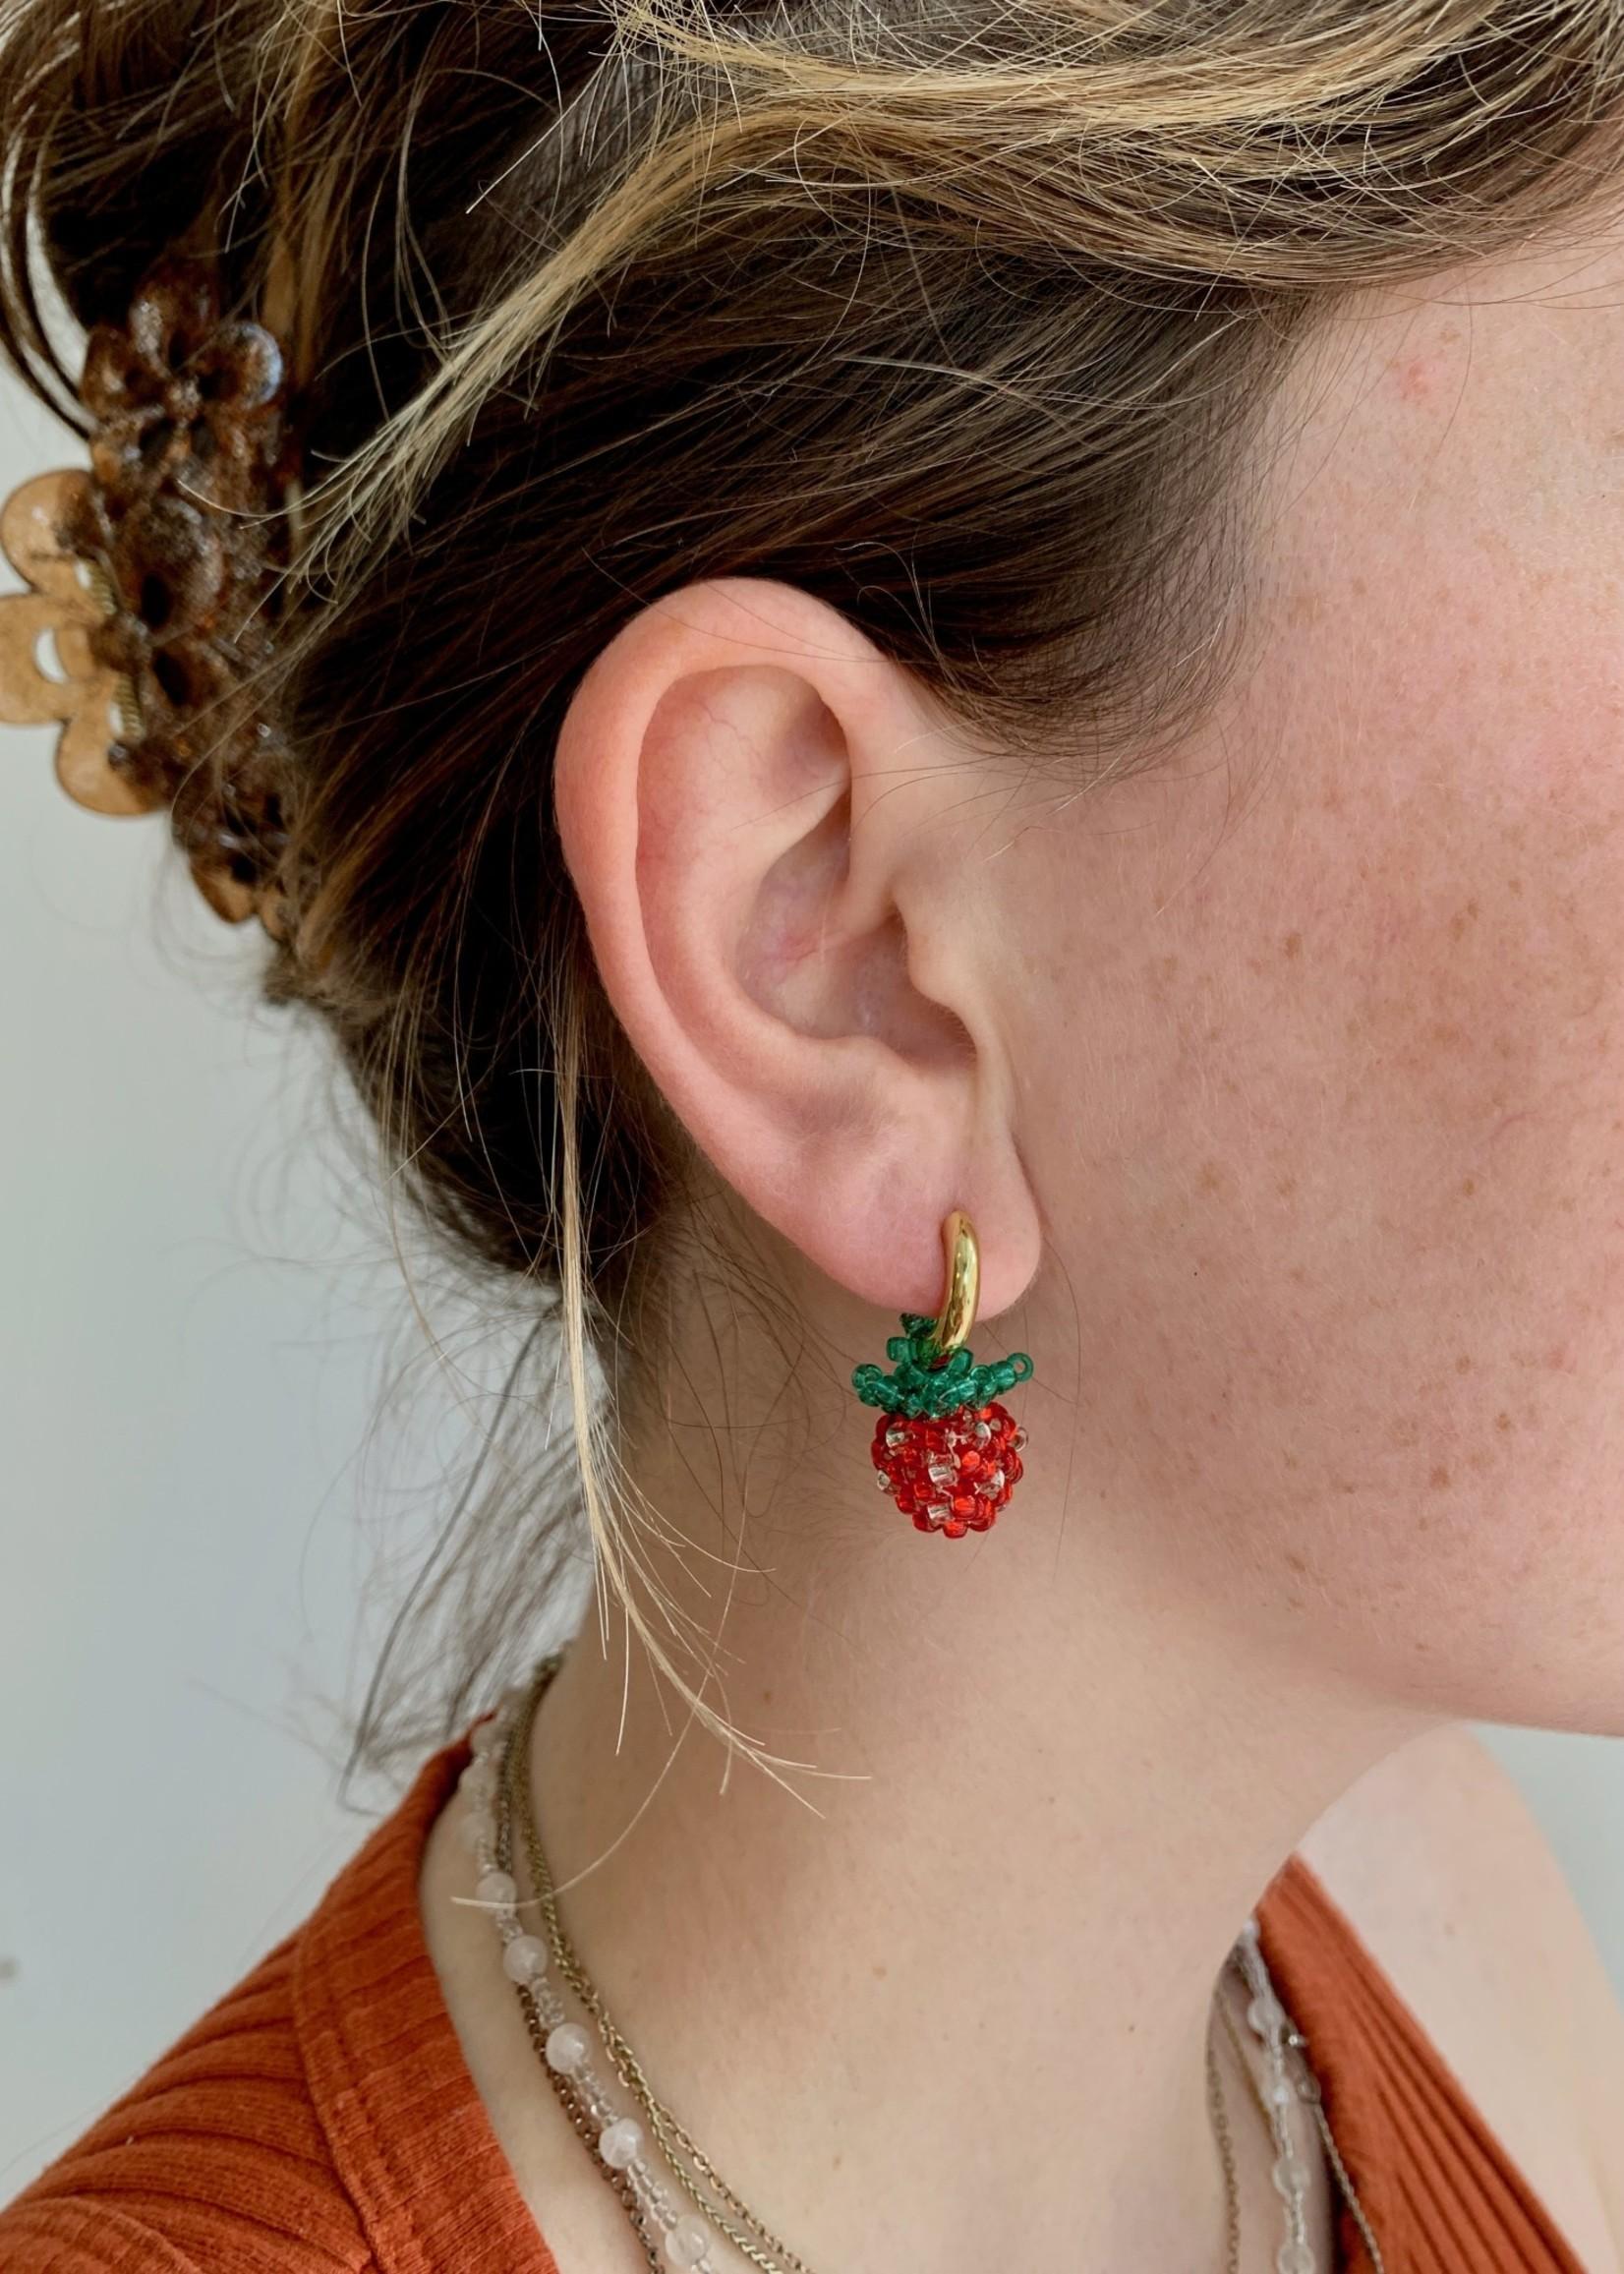 Emri Studio Fruit Hoop Earrings by EMRI Studio